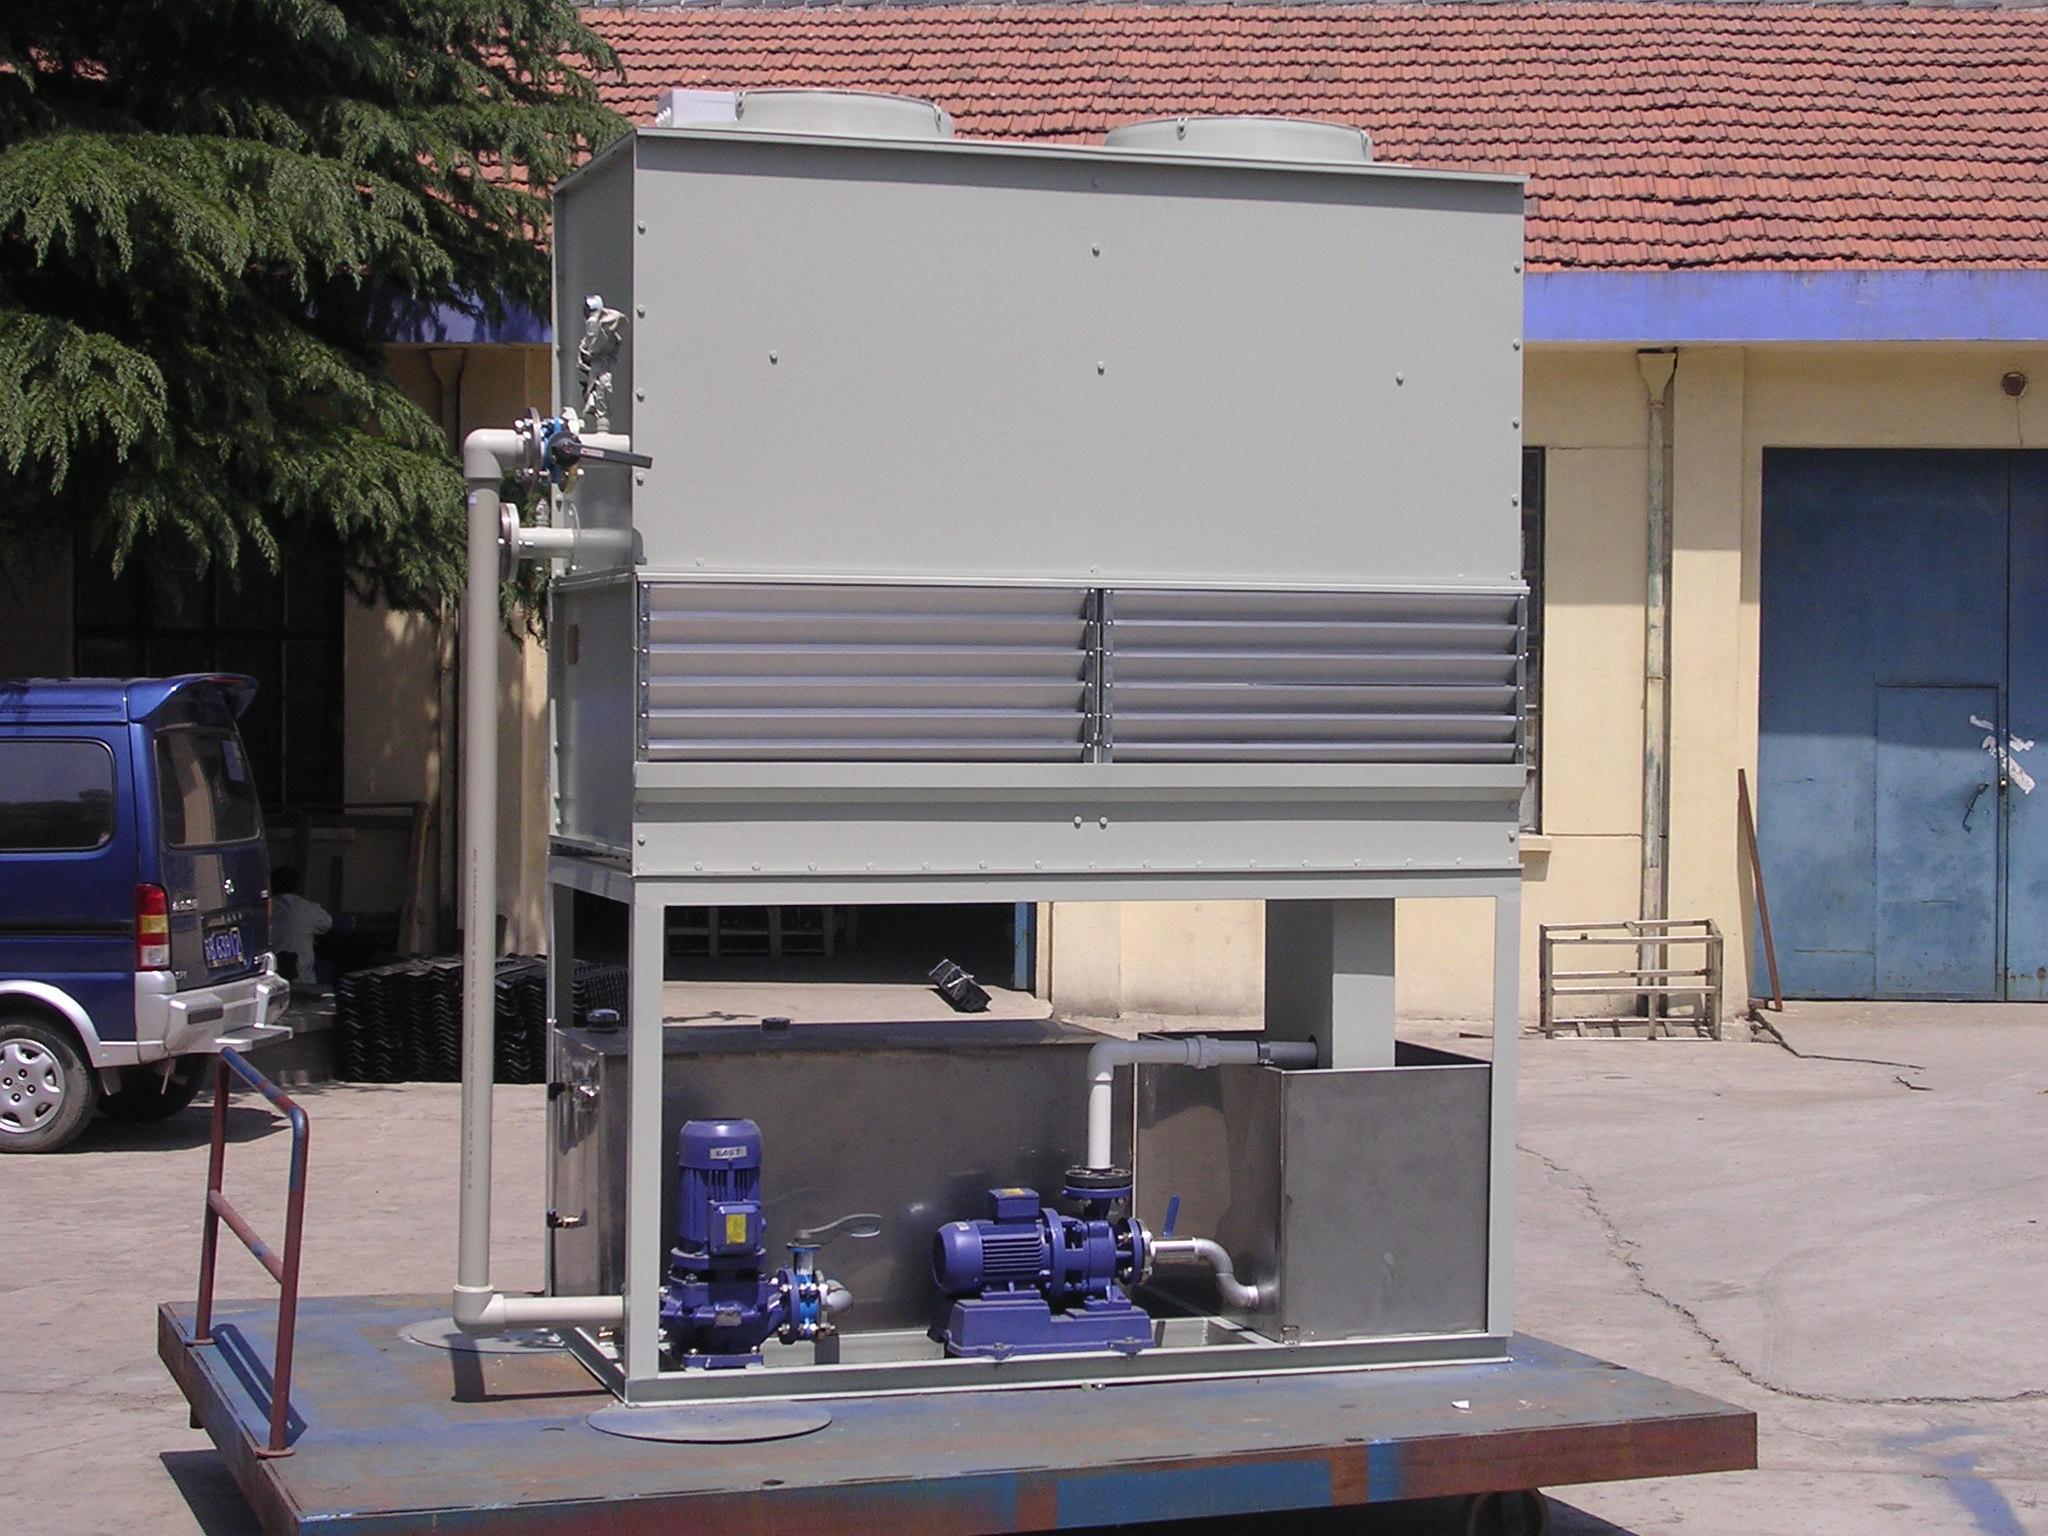 屋顶冷却塔是开式还是闭式系统?